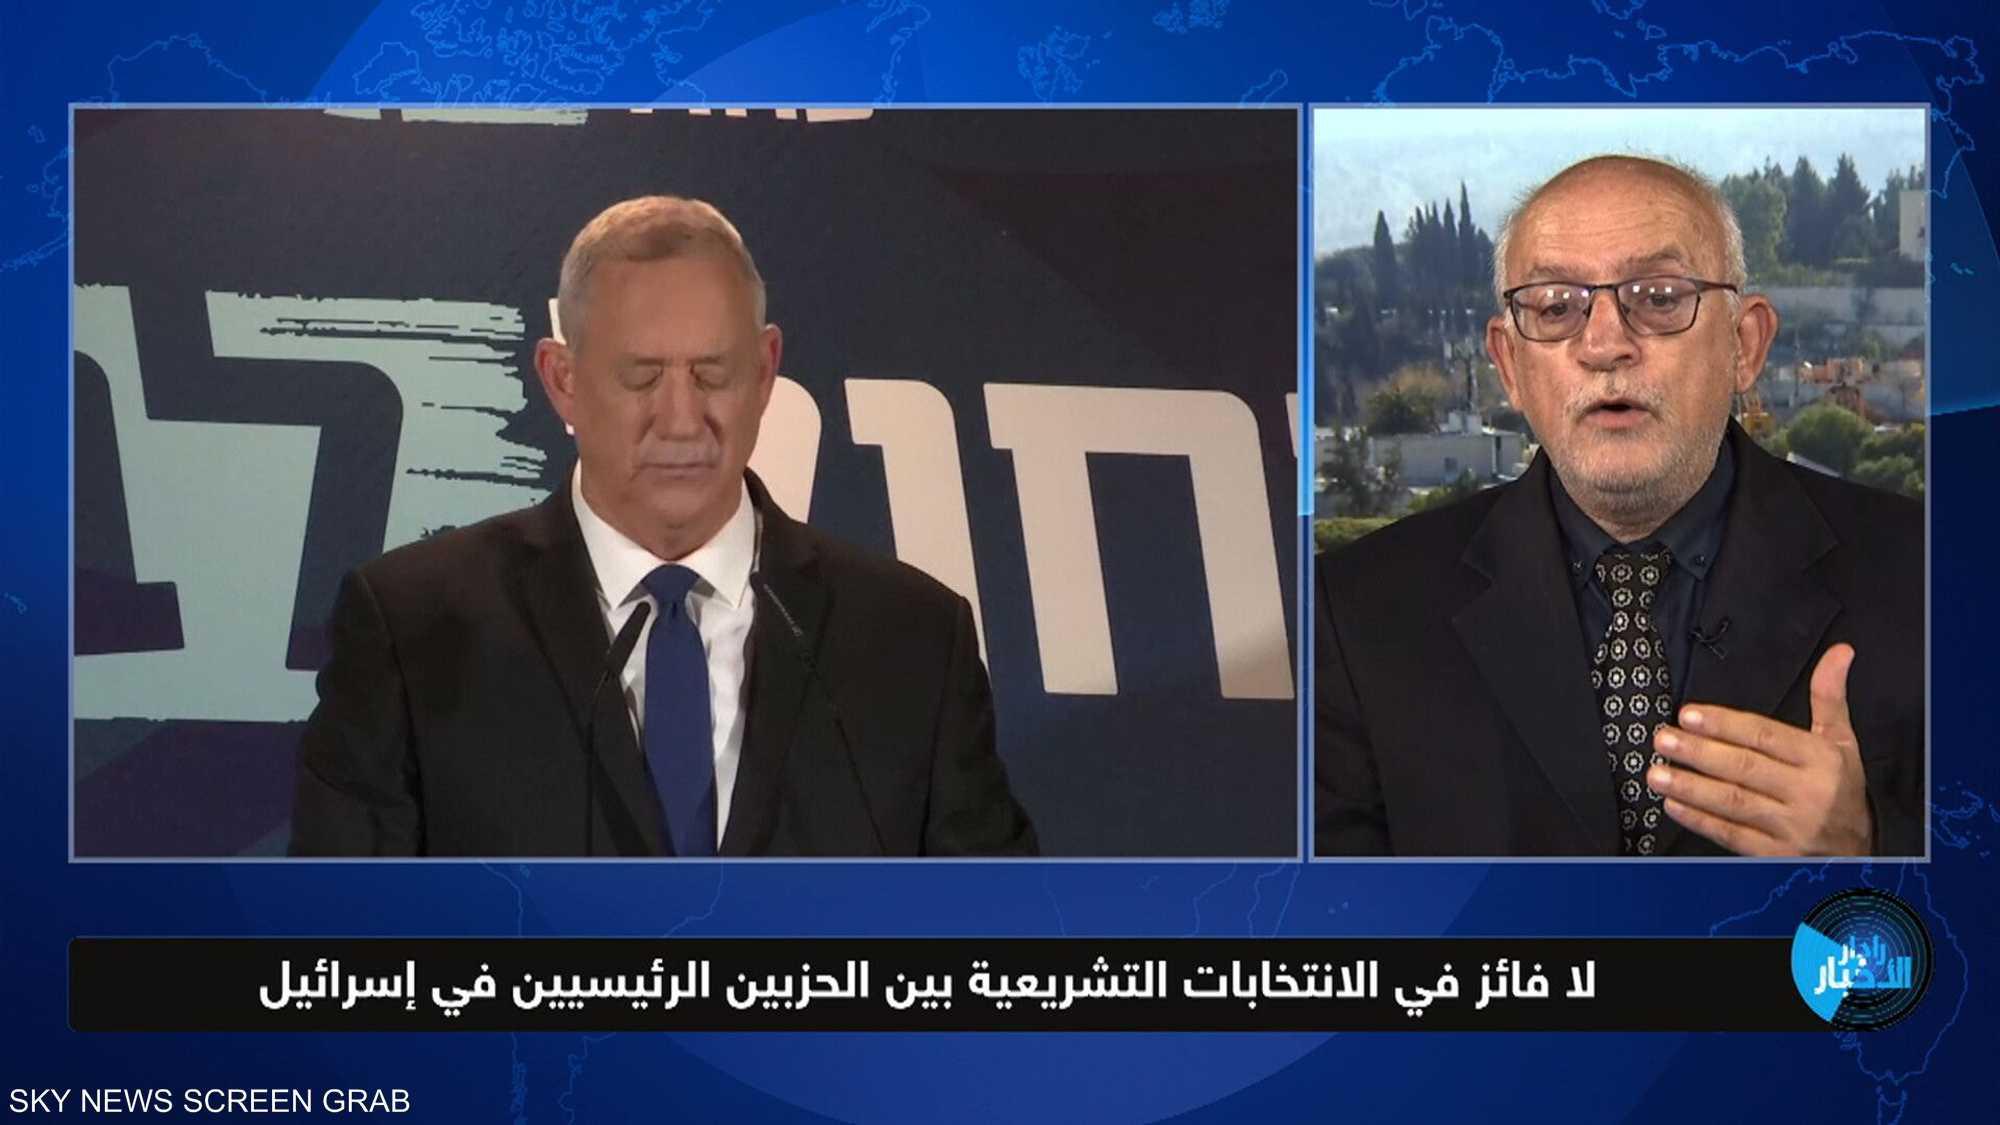 إسرائيل.. لا غالب ولا مغلوب في الانتخابات